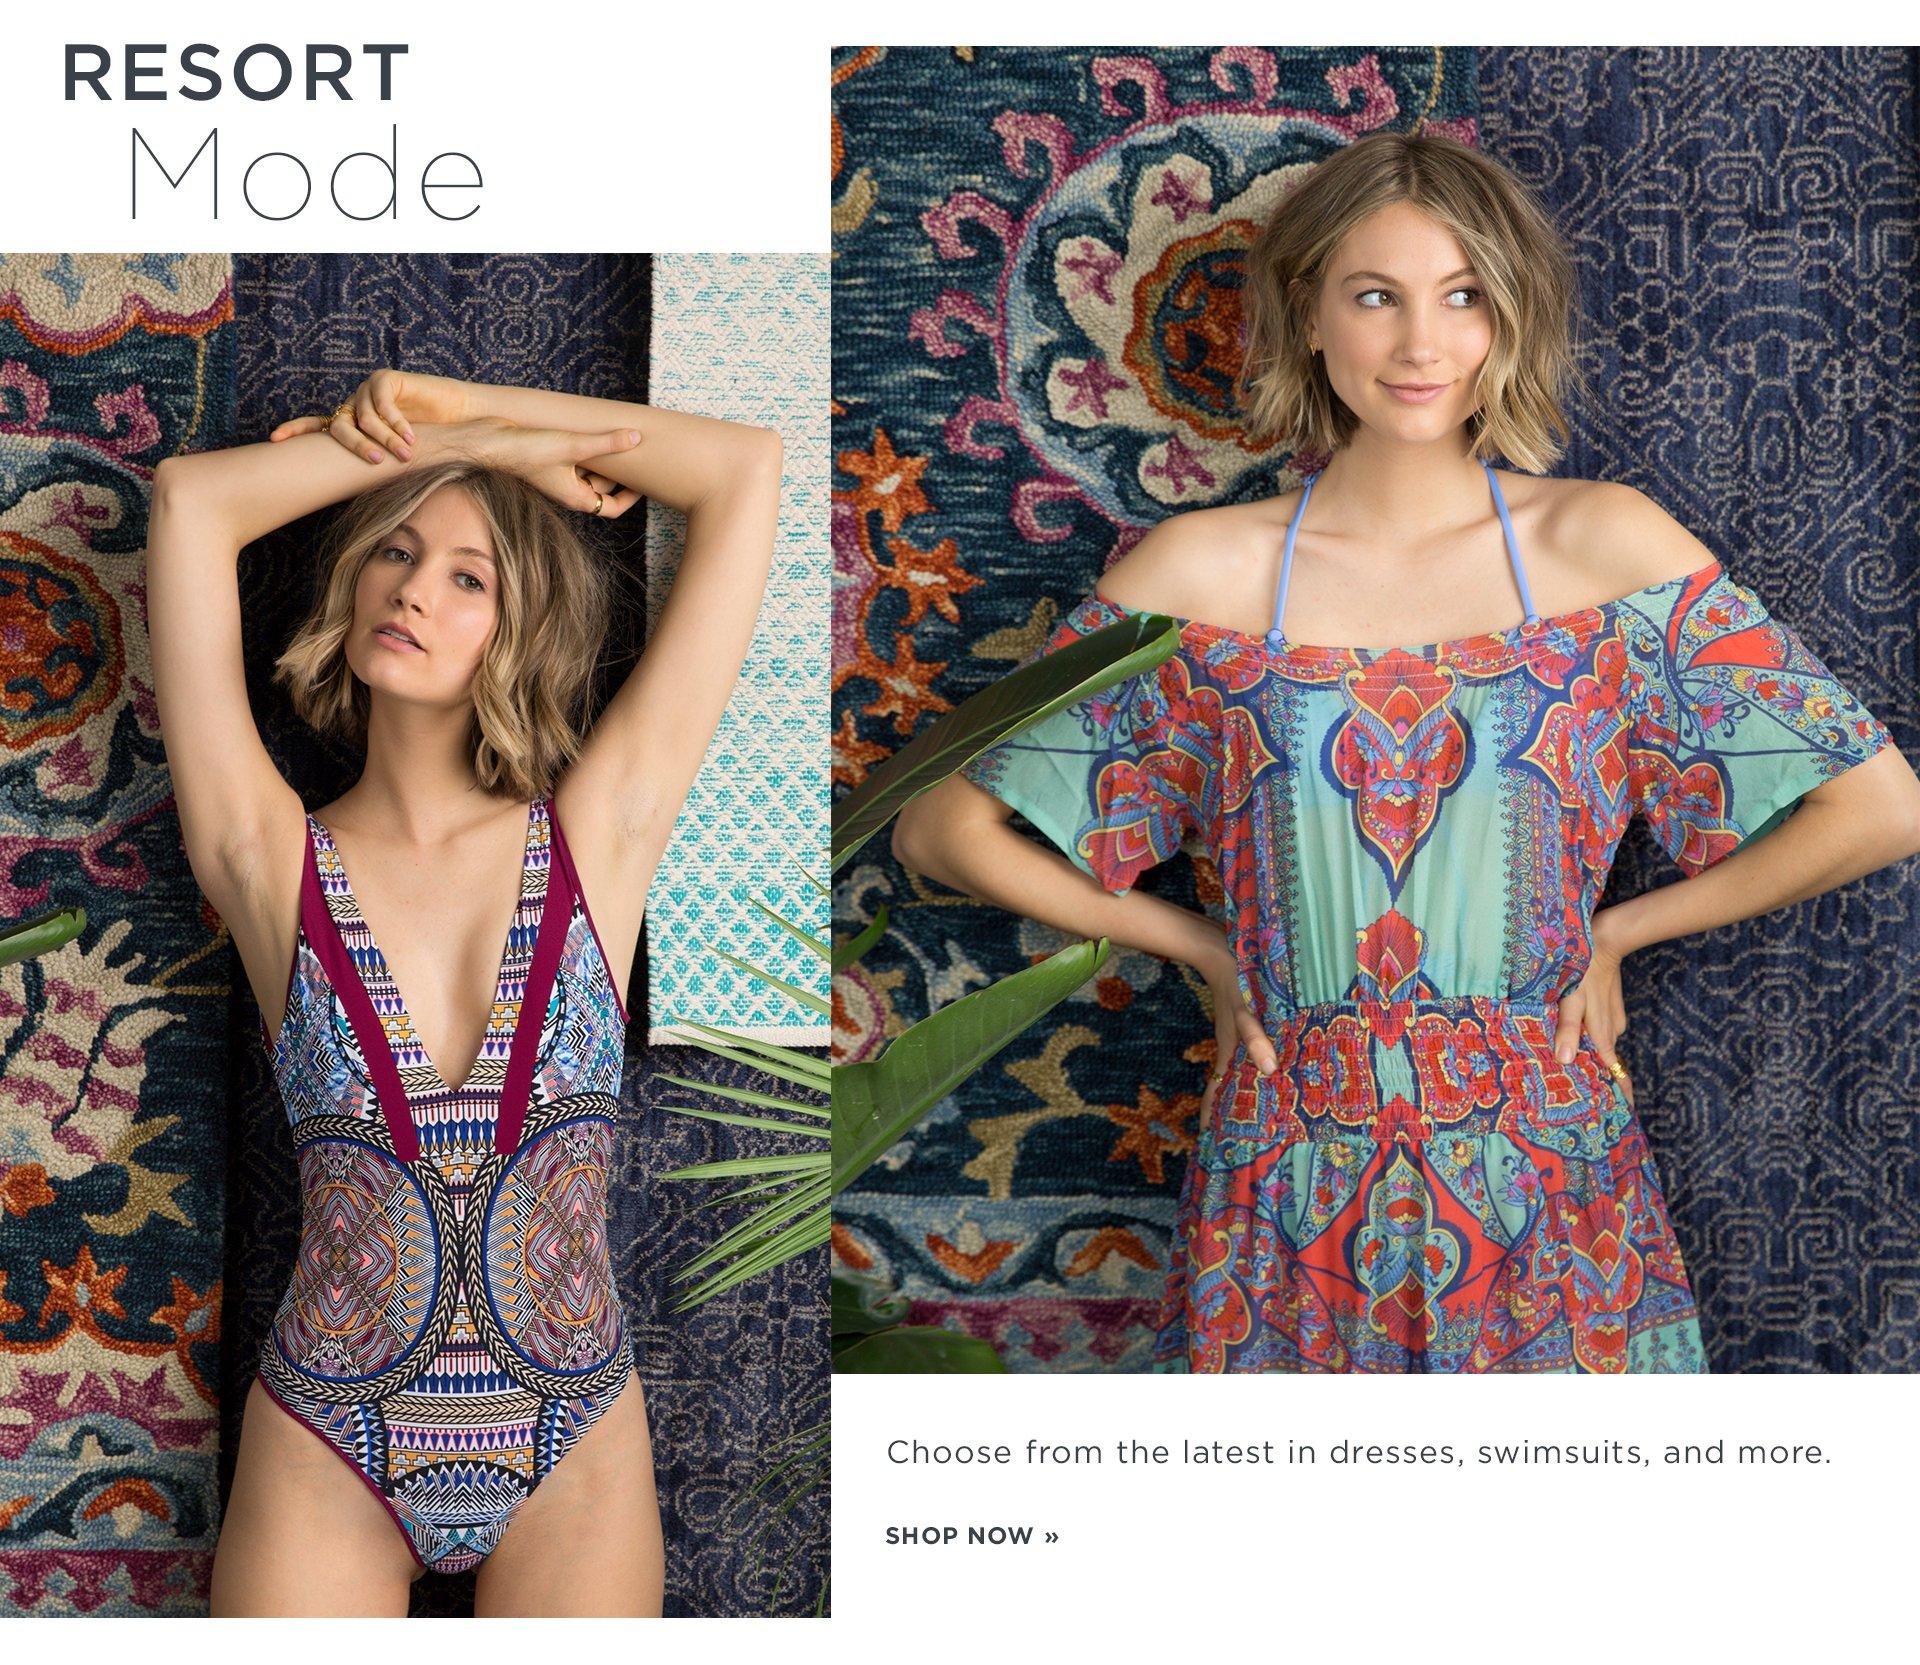 Resort Season